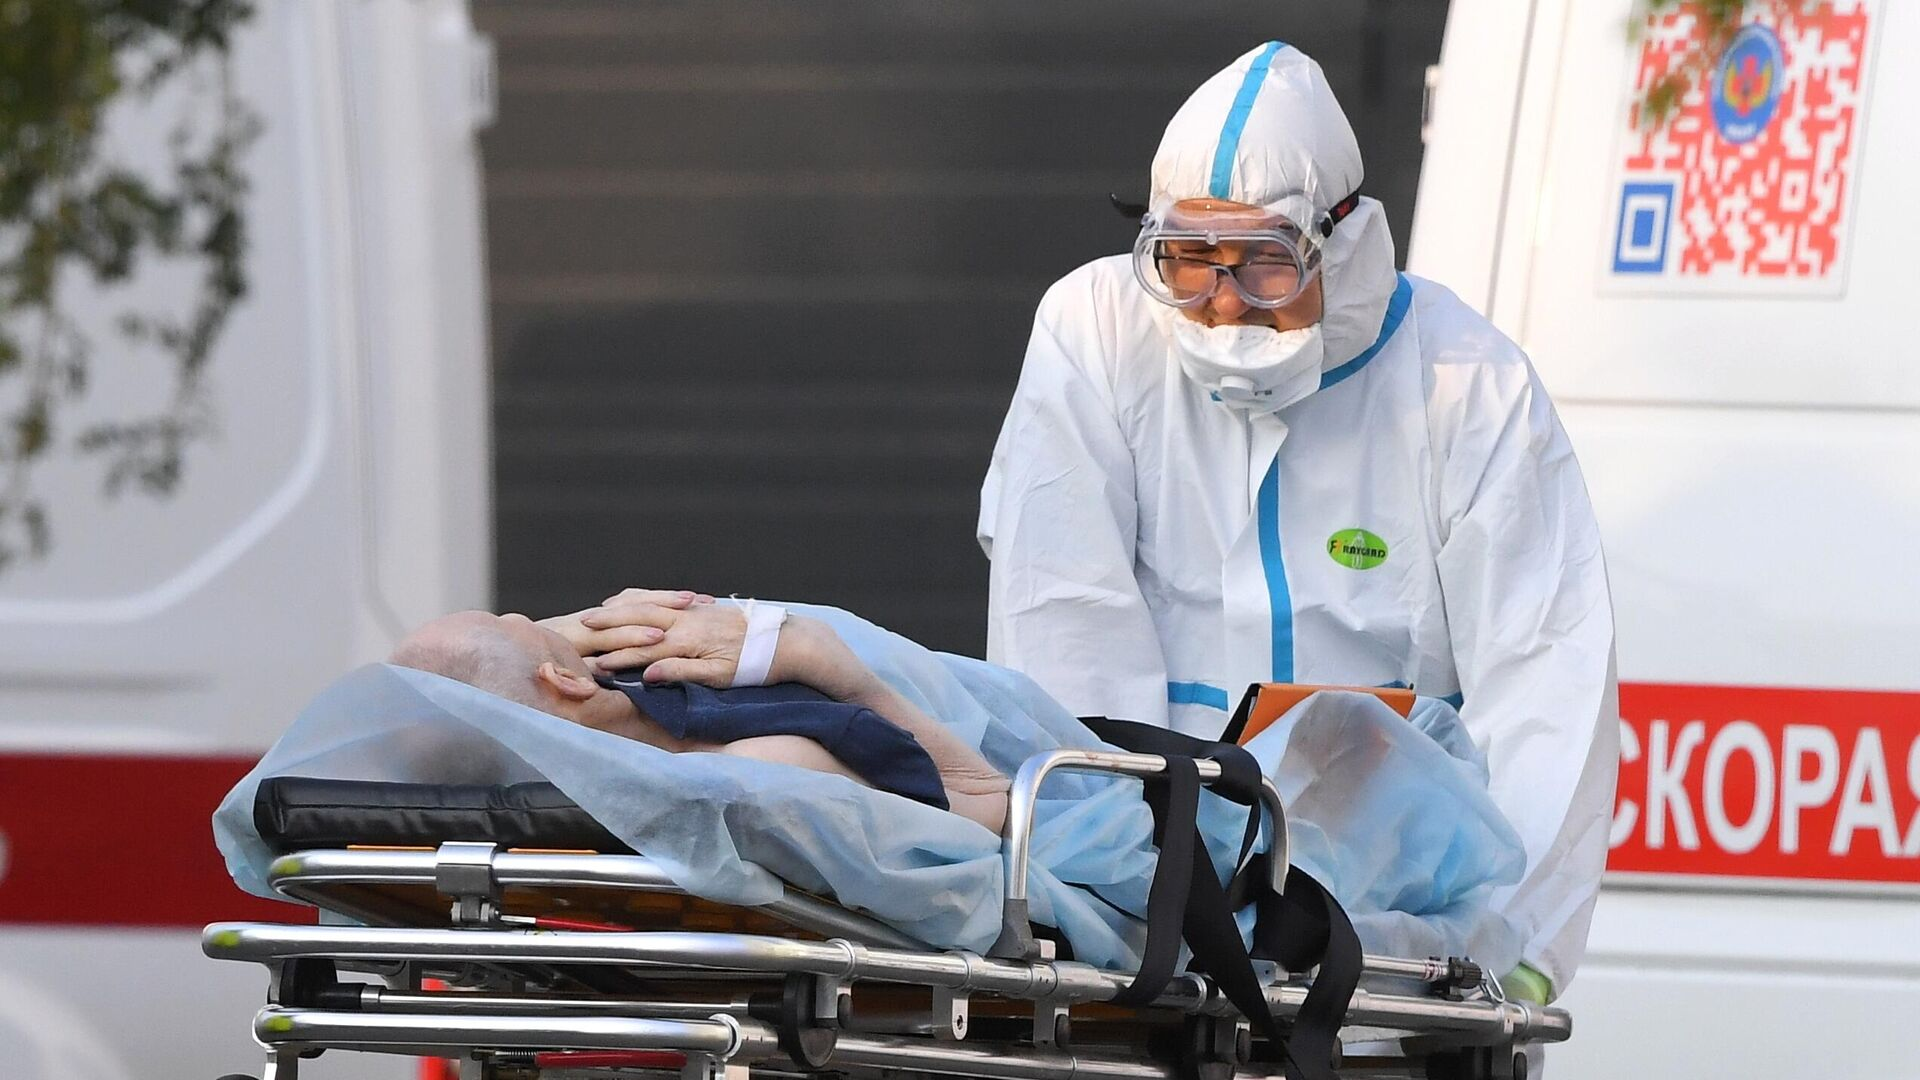 Бригада скорой медицинской помощи доставила пациента в карантинный центр в Коммунарке - РИА Новости, 1920, 02.10.2020